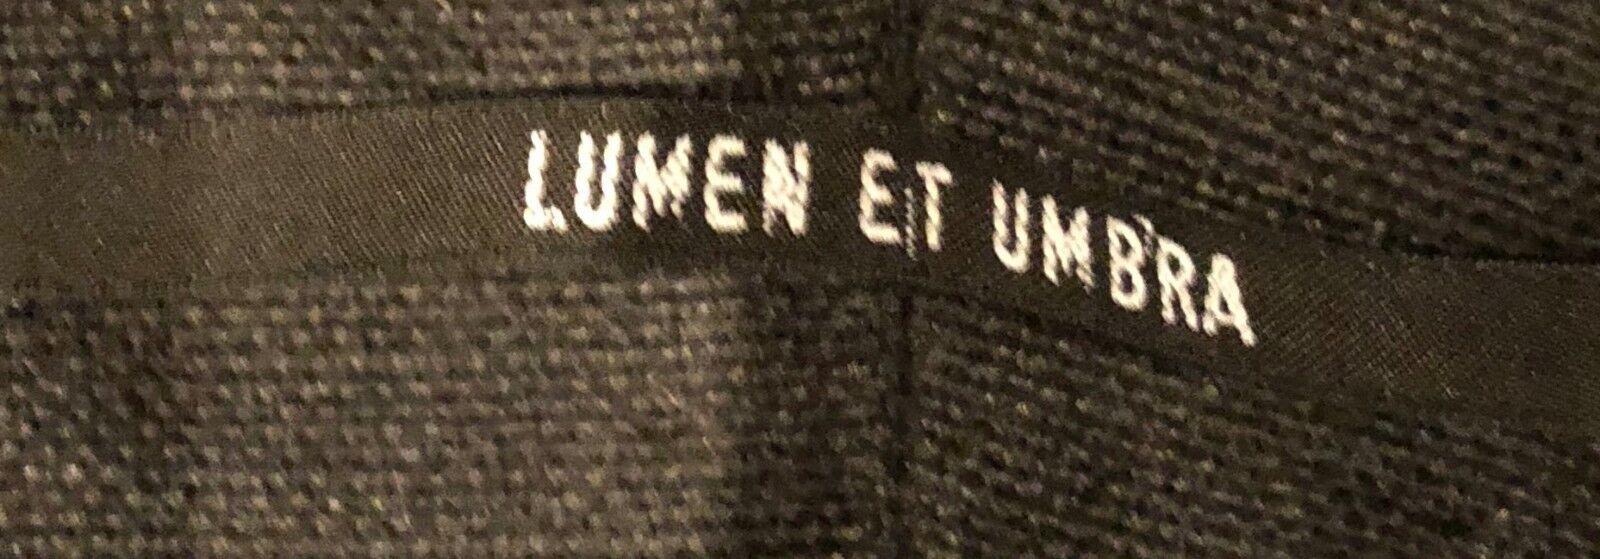 Lumen Et Umbra Parka schwarz Größe 52 Baumwolle Leinen Leinen Leinen | Die Königin Der Qualität  0b4905